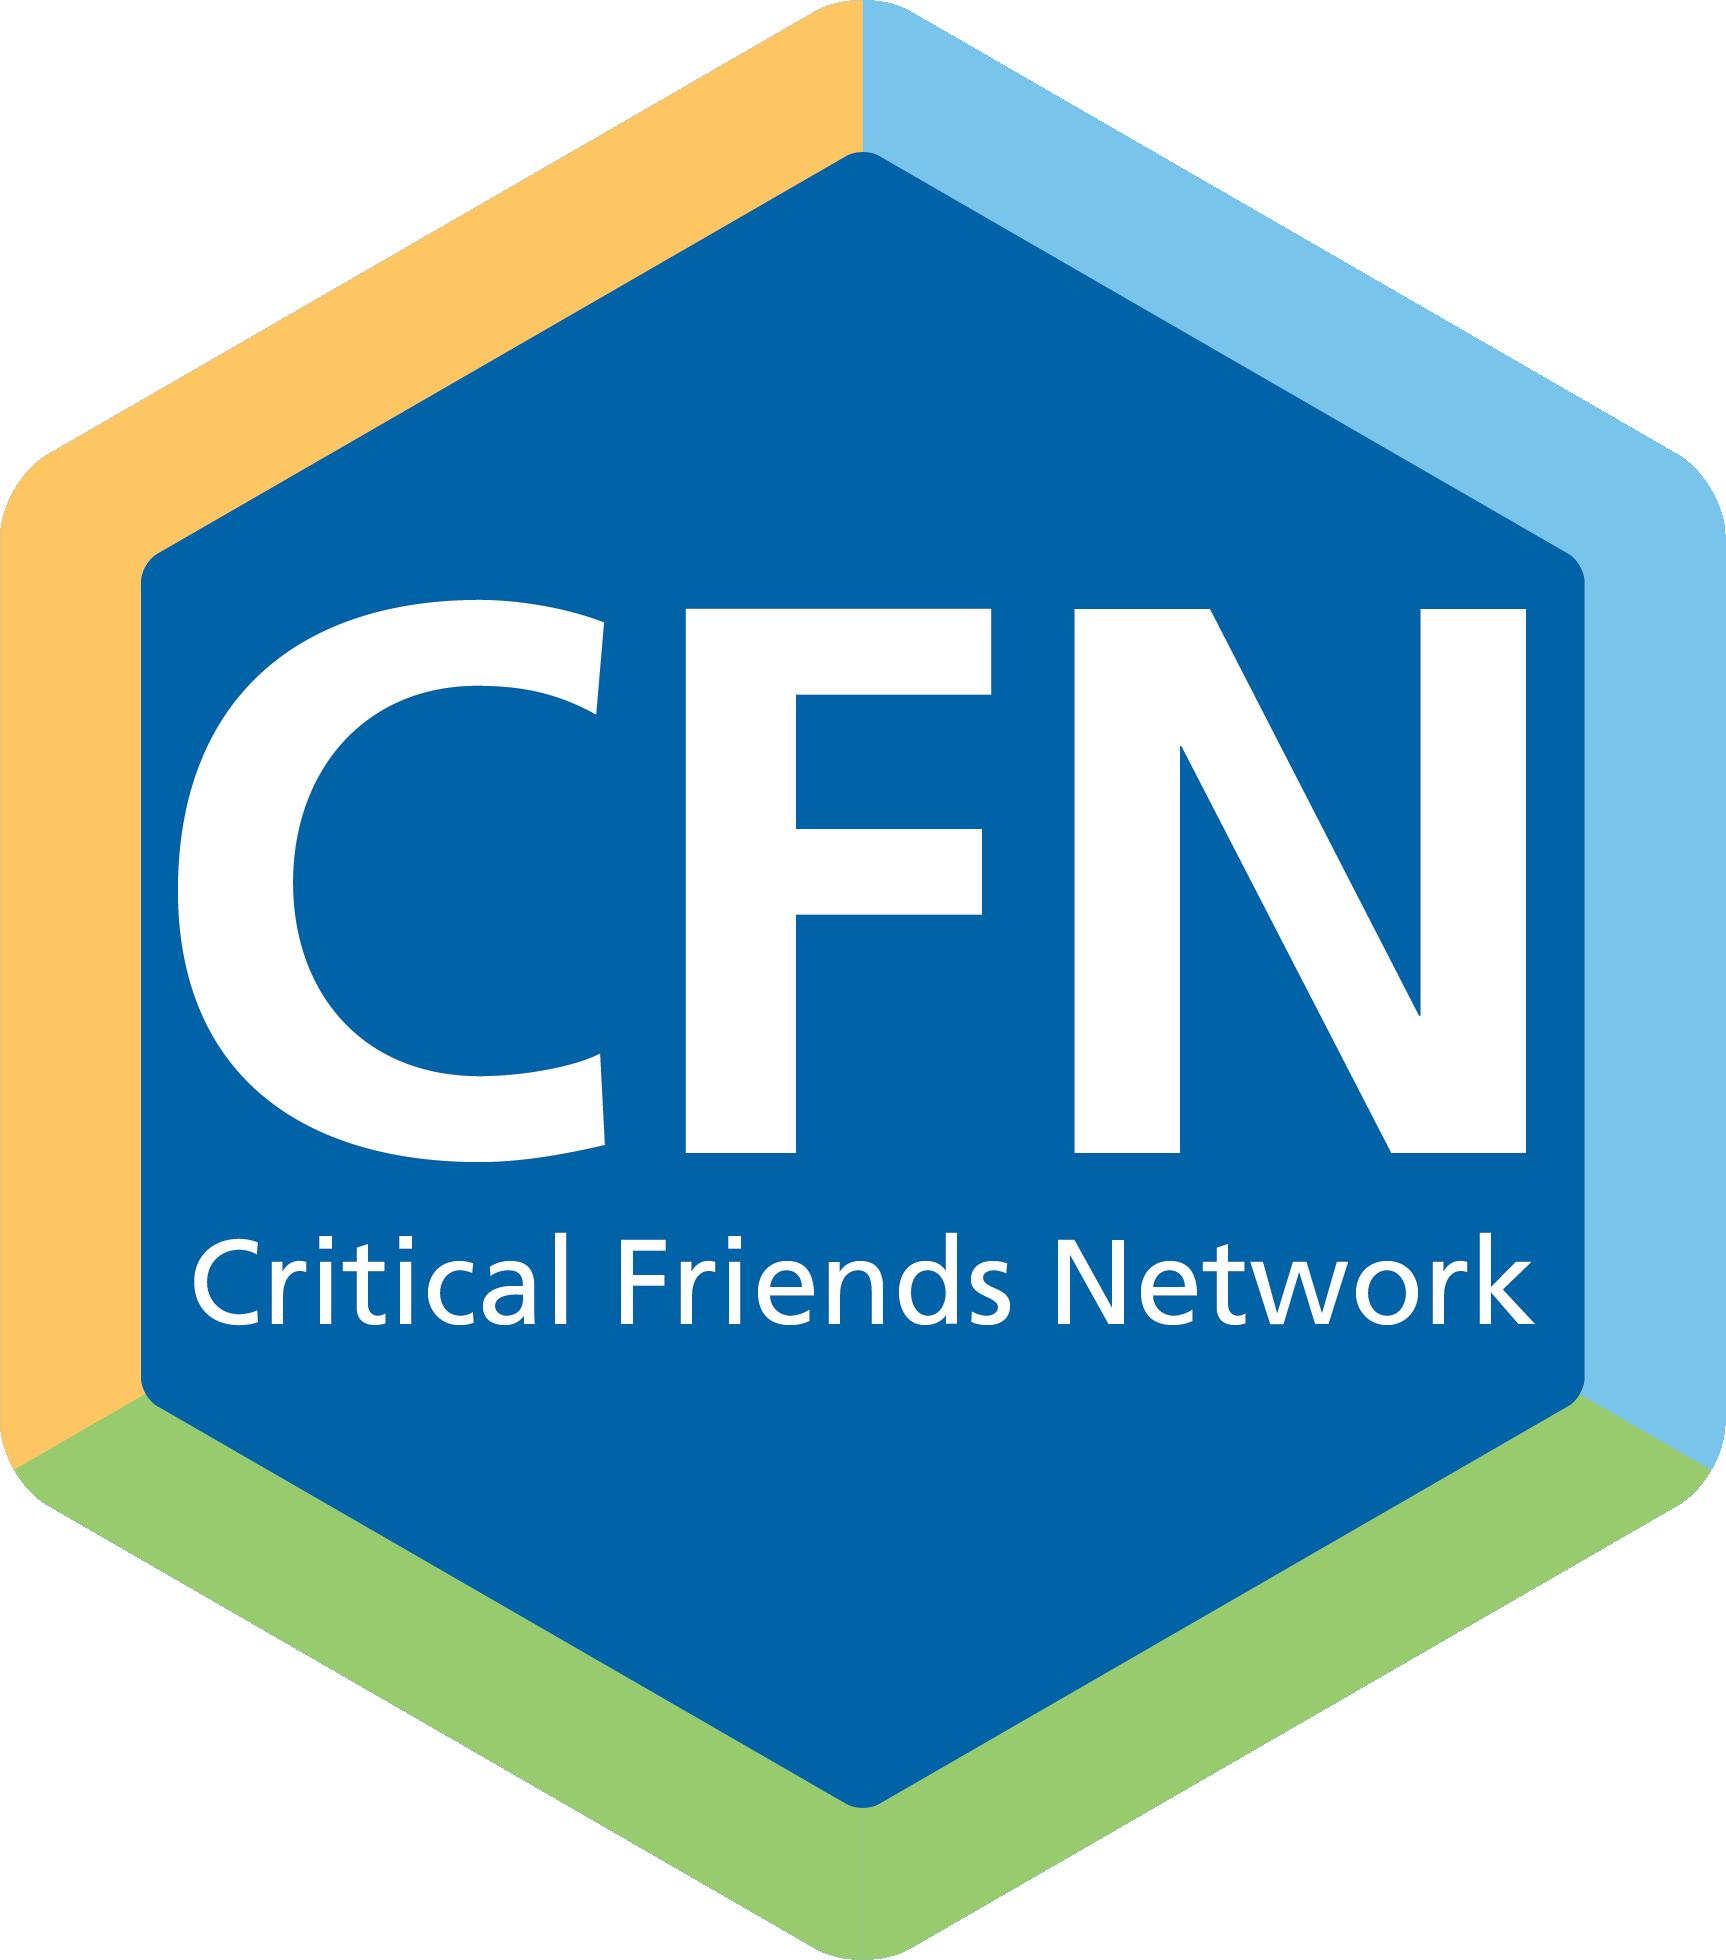 Critical Friends Network logo